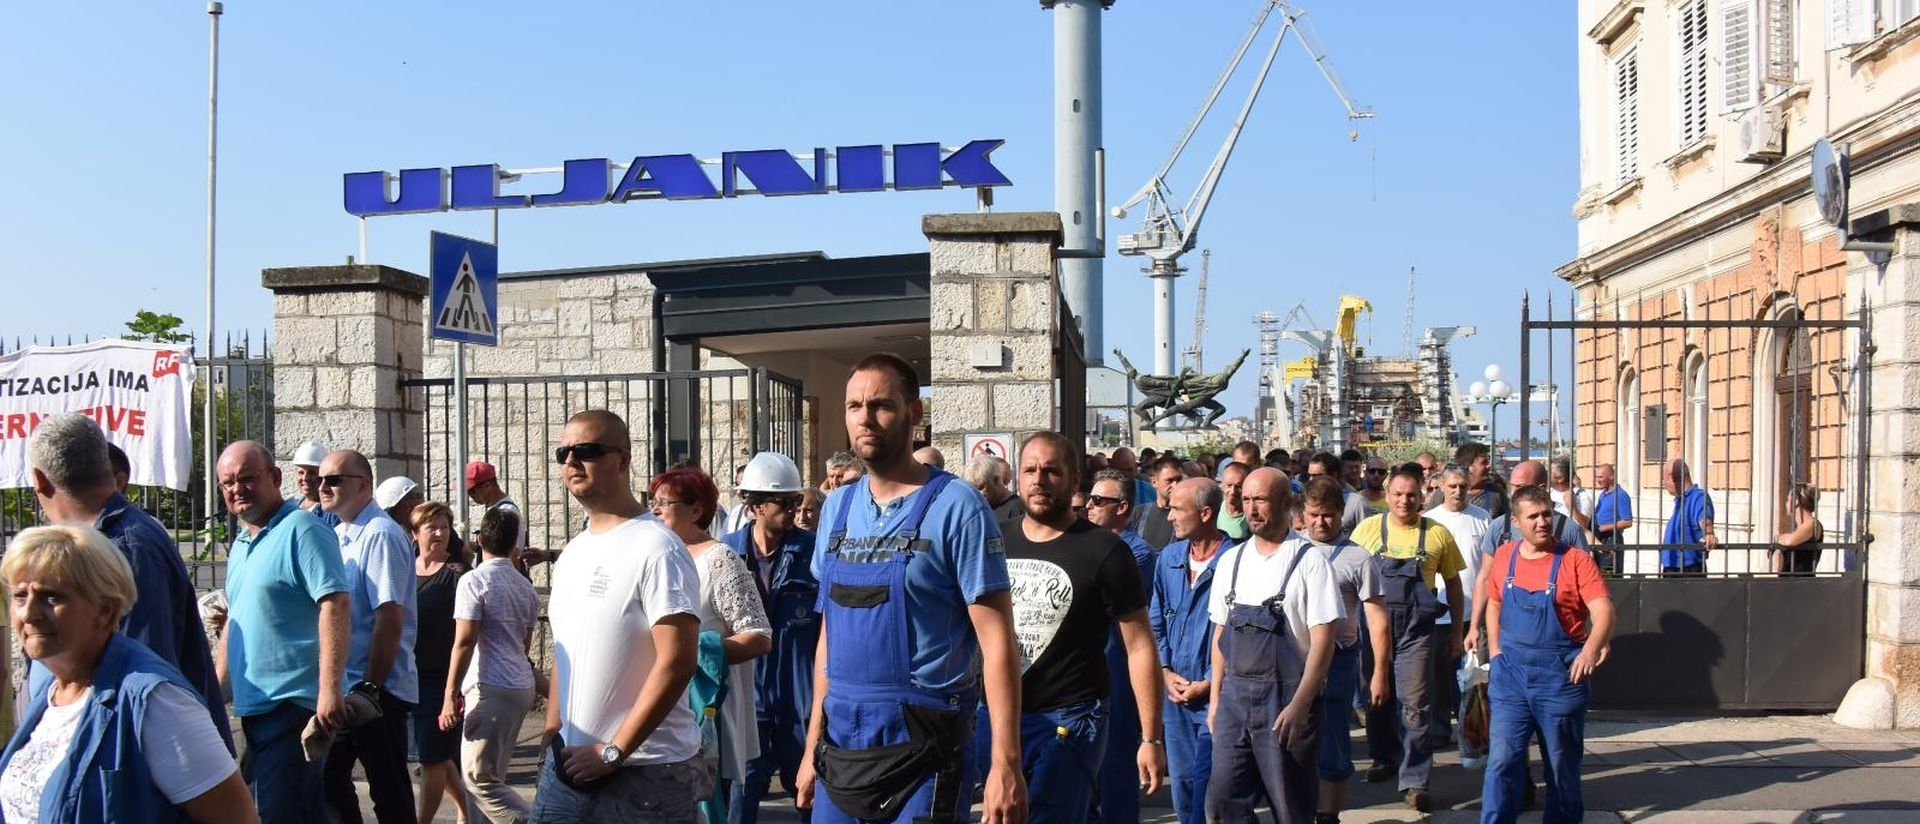 Nenajavljen sastanak Uprave i sindikata u Uljaniku